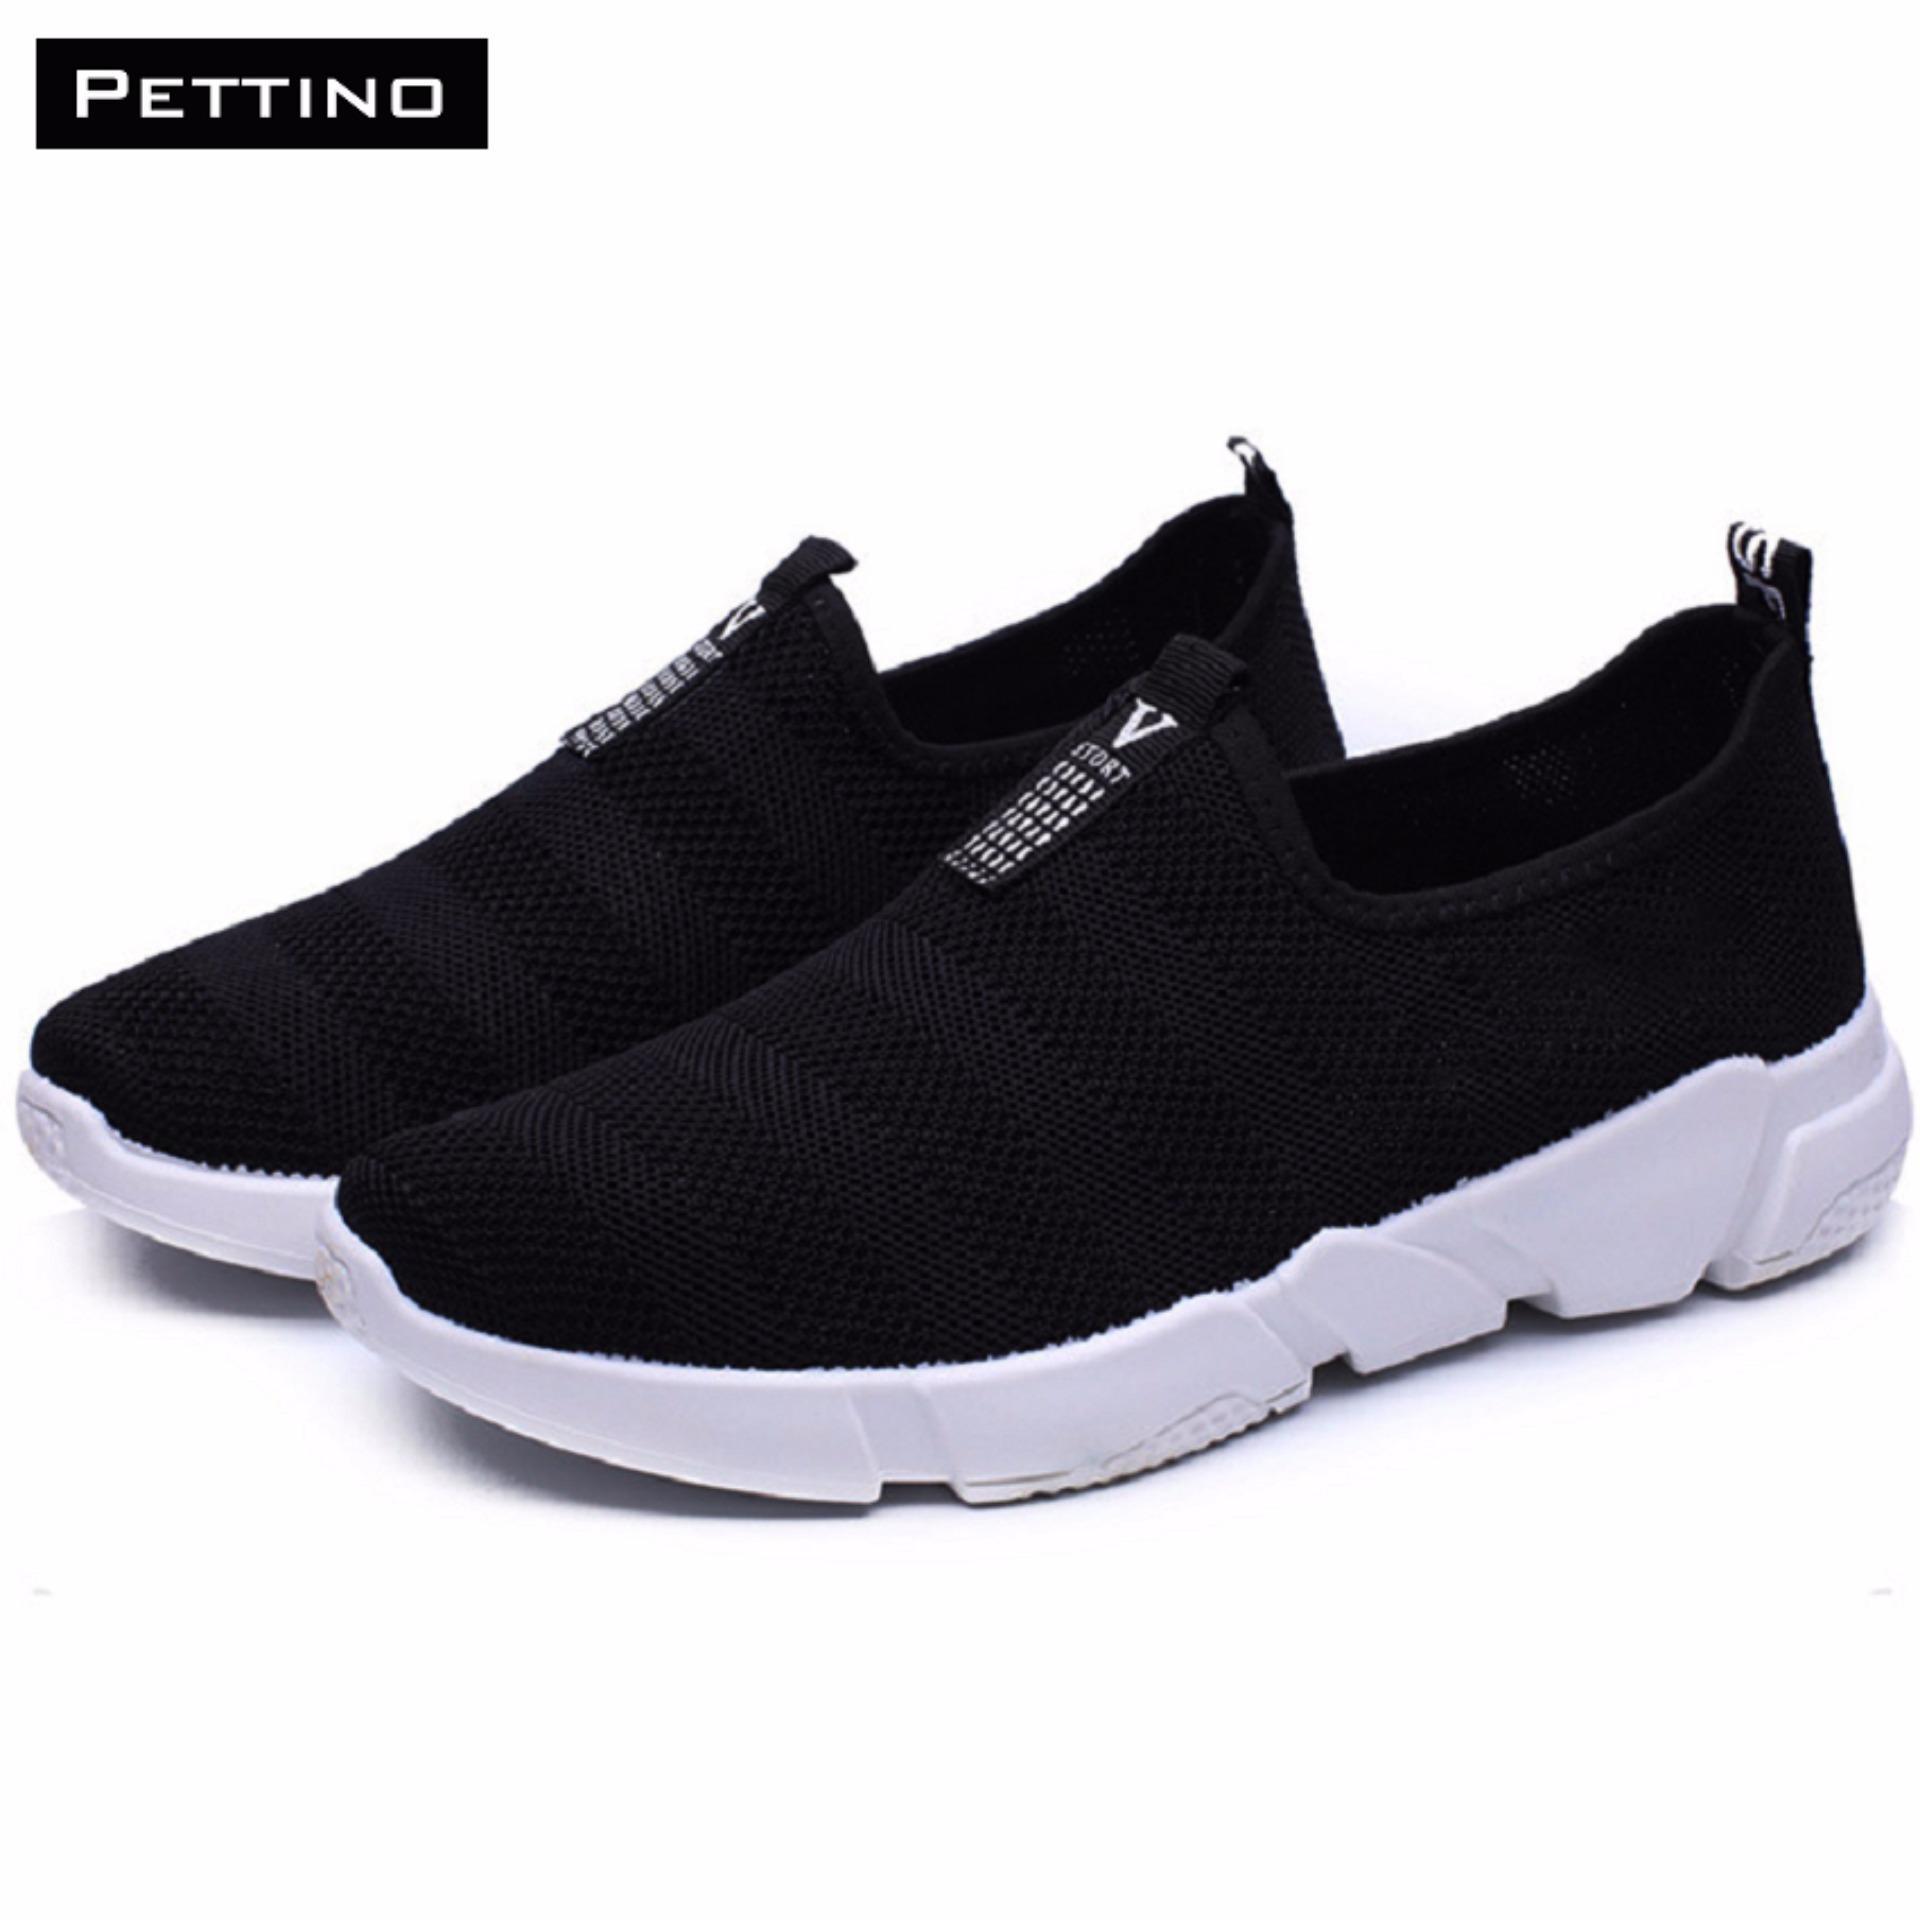 Giày Lười Nam Thời Trang – Pettino GL20 (đen)